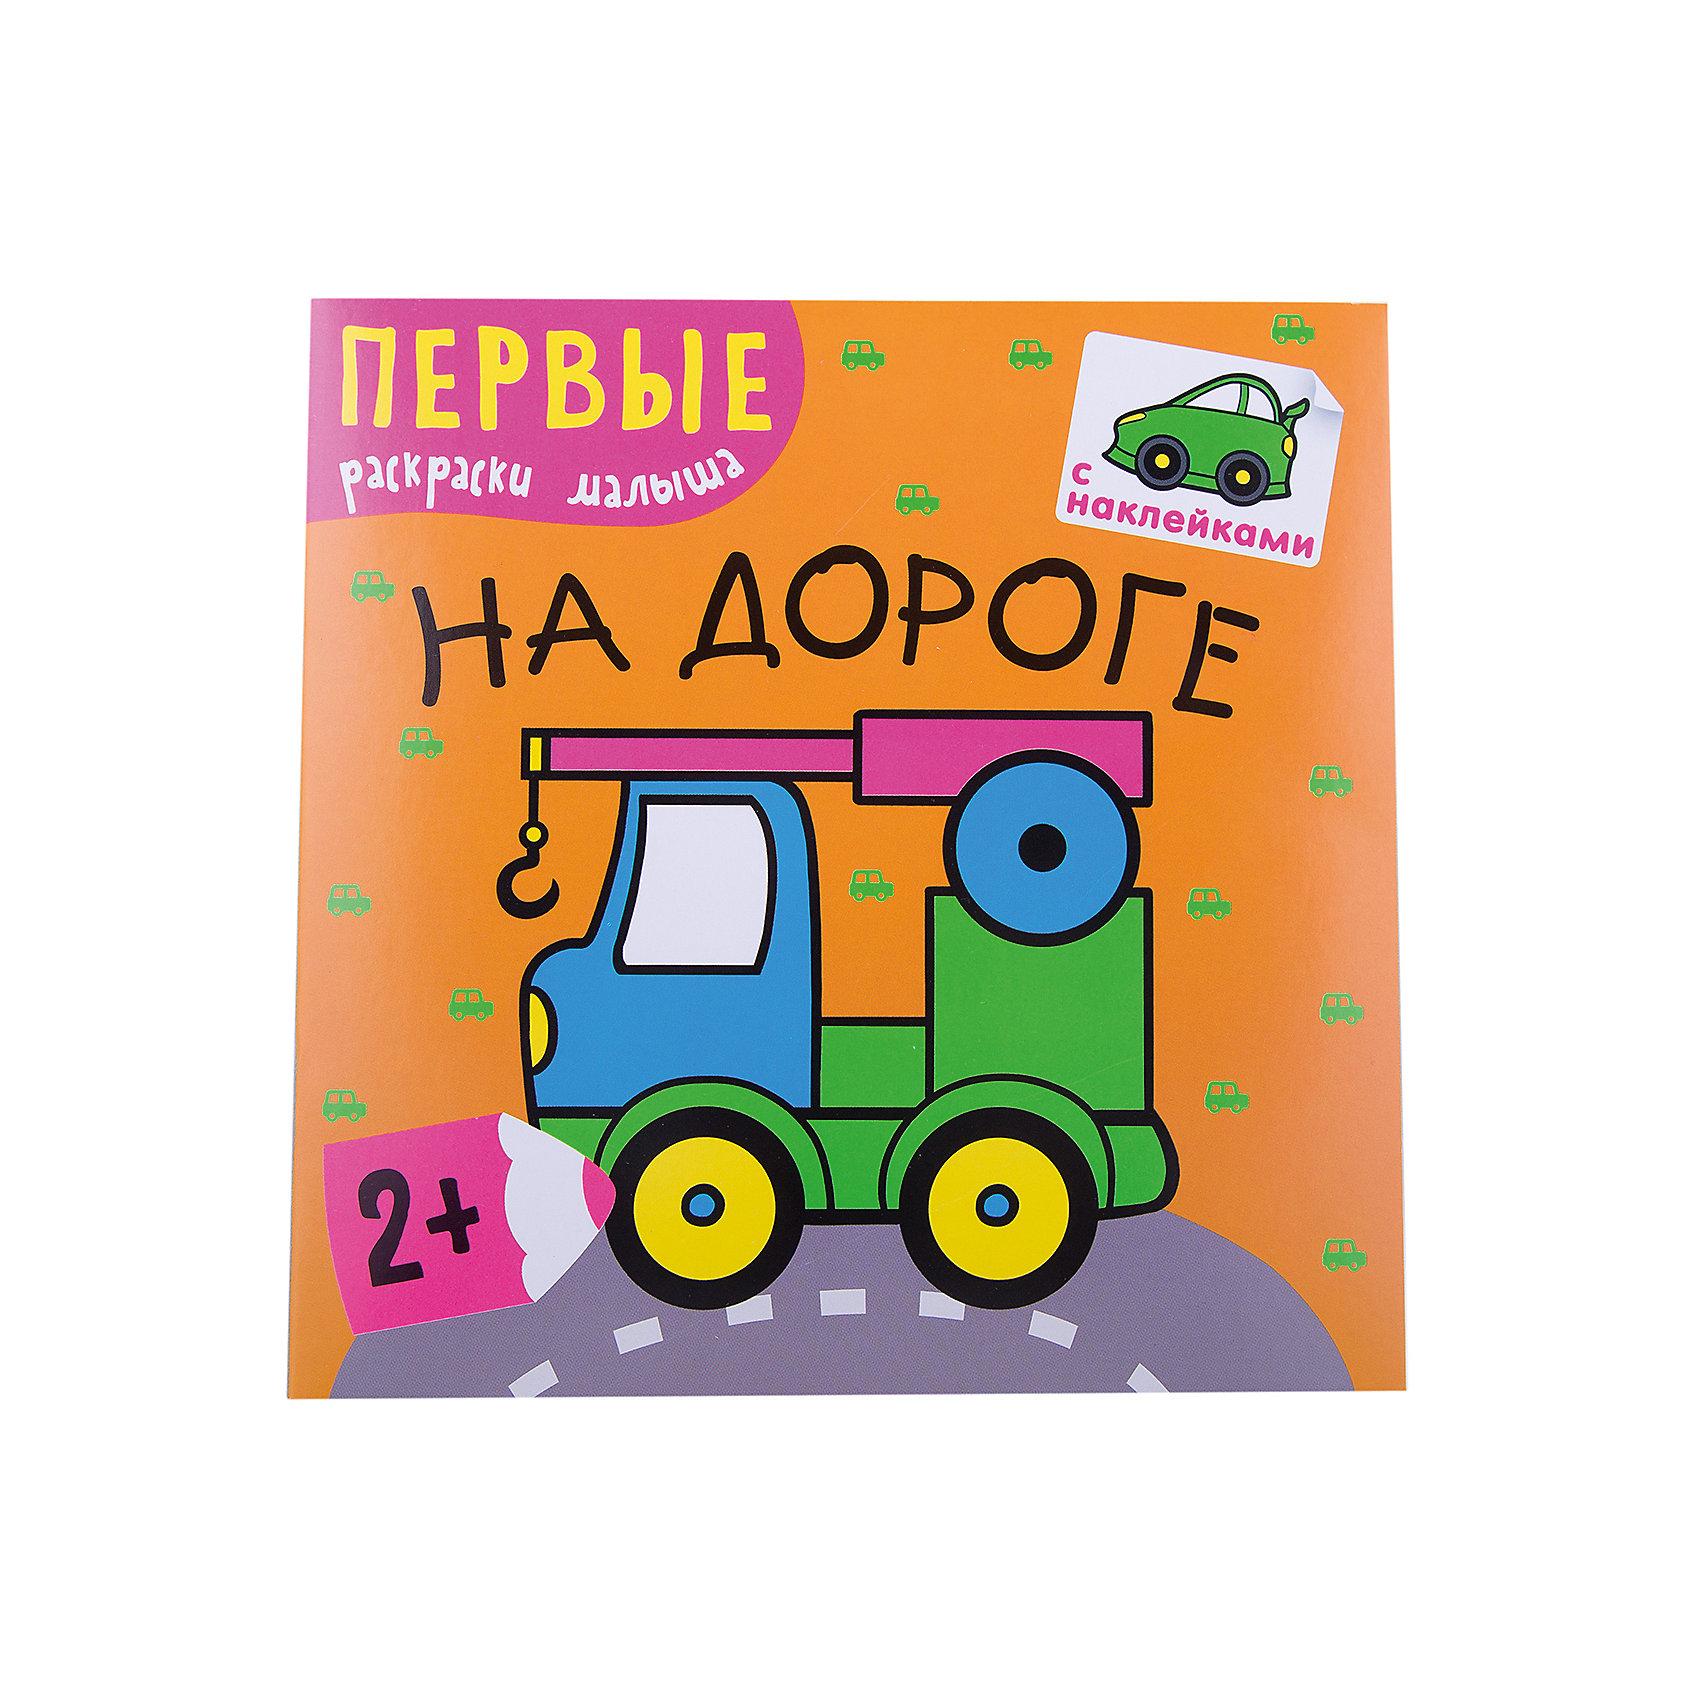 На дороге, Первые раскраски малышаКниги для развития творческих навыков<br>Характеристики книги На дороге: <br><br>• возраст: от 2 лет<br>• пол: для мальчиков<br>• ISBN: 9785431502187<br>• материал: бумага<br>• количество страниц: 24 (офсет)<br>• размер книжки: 22.5х22.5х0,2 см.<br>• масса: 78 гр.<br>• тип обложки: мягкая.<br>• иллюстрации: цветные.<br>• редактор: Ю. Парахина.<br>• бренд: Мозаика-Синтез<br>• страна обладатель бренда: Россия.<br><br>Раскраска для маленьких детей предлагает простые рисунки с крупными фрагментами и толстыми контурами, которые малышу придется раскрашивать или дополнять при помощи наклеек. Рисунки подписаны названиями предметов (а именно траспортных средств, соответственно теме издания), на них изображенных. Для развития восприятия формы, цвета, а также ловкости пальцев, раскраски чрезвычайно полезны.<br><br>Раскраску На дороге - первые раскраски малыша издательства Мозаика-Синтез можно купить в нашем интернет-магазине.<br><br>Ширина мм: 3<br>Глубина мм: 225<br>Высота мм: 225<br>Вес г: 82<br>Возраст от месяцев: 24<br>Возраст до месяцев: 48<br>Пол: Мужской<br>Возраст: Детский<br>SKU: 5362851